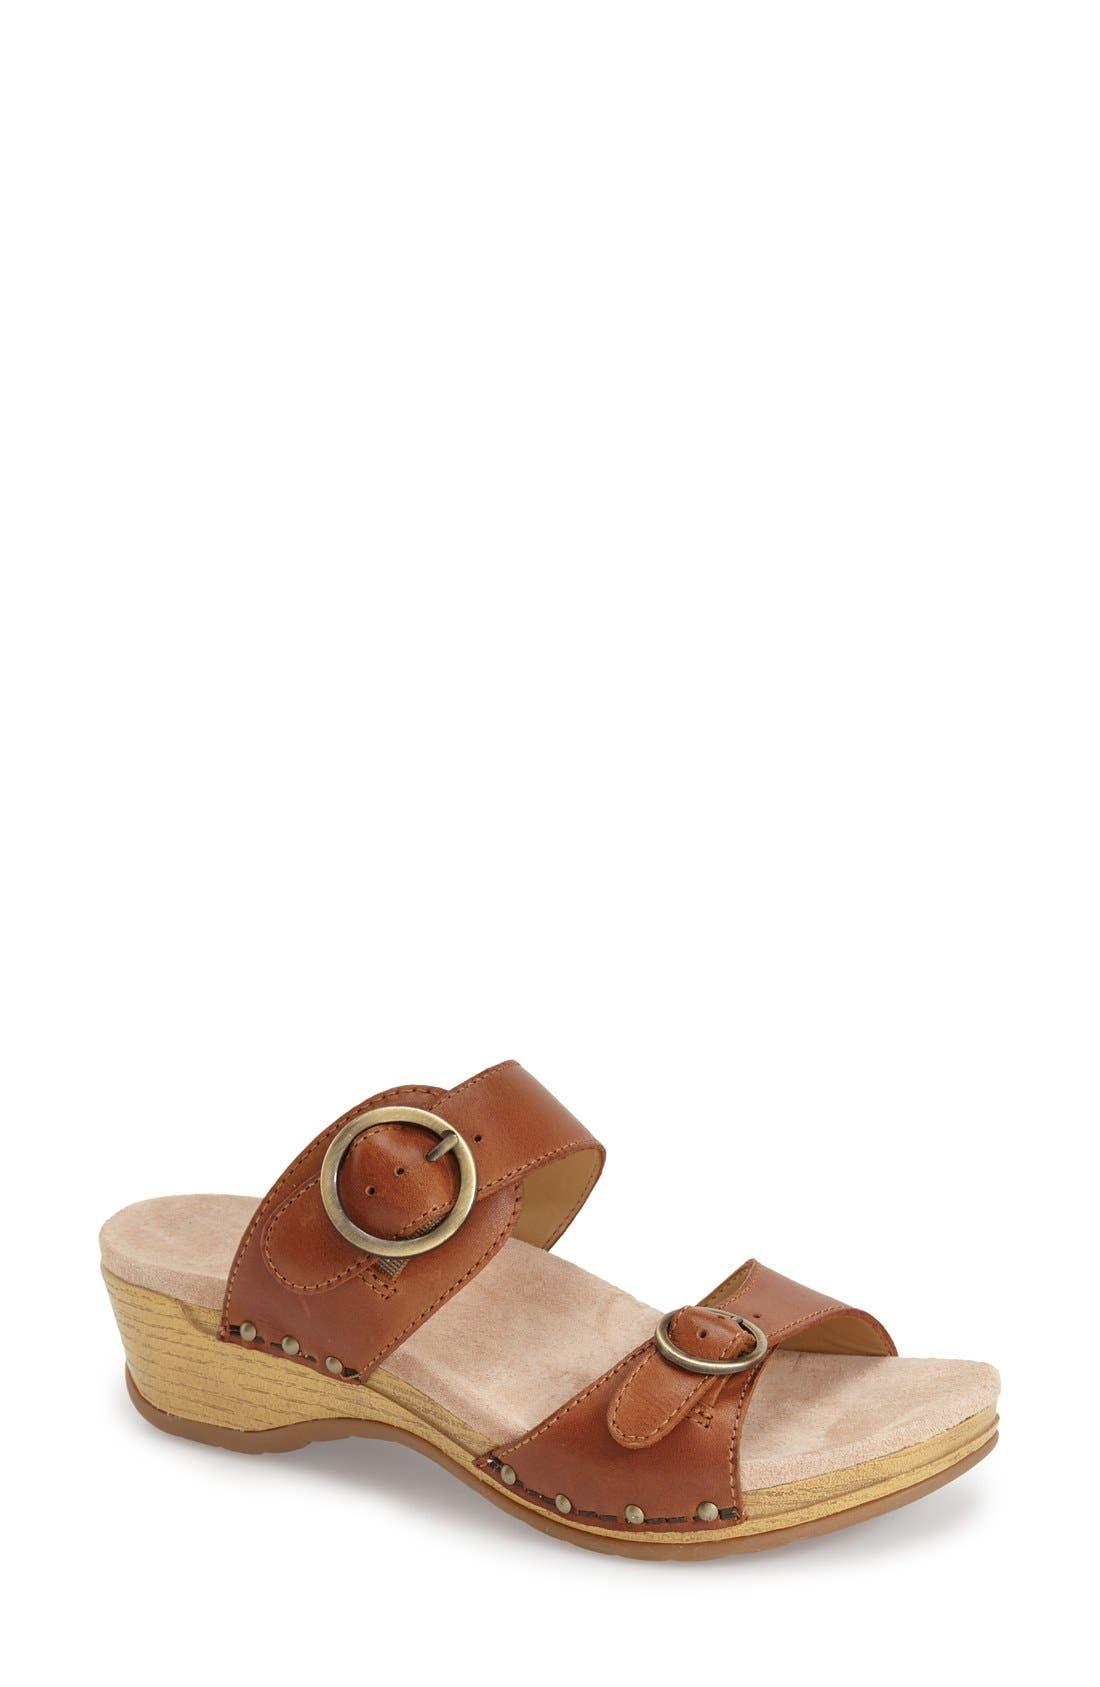 'Manda' Slide Sandal,                             Main thumbnail 1, color,                             205